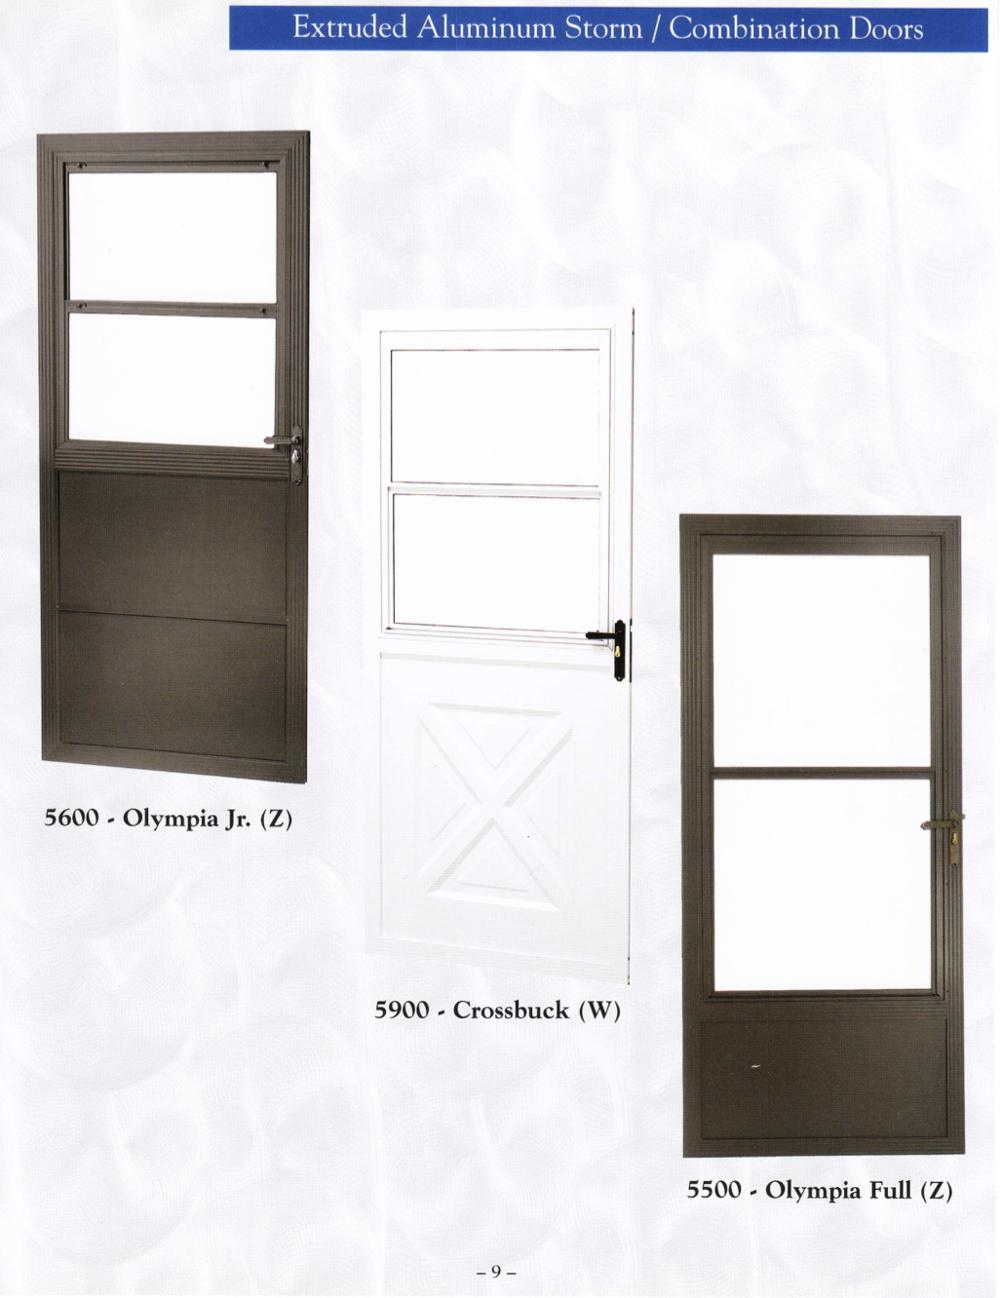 Storm Doors Active Window Products